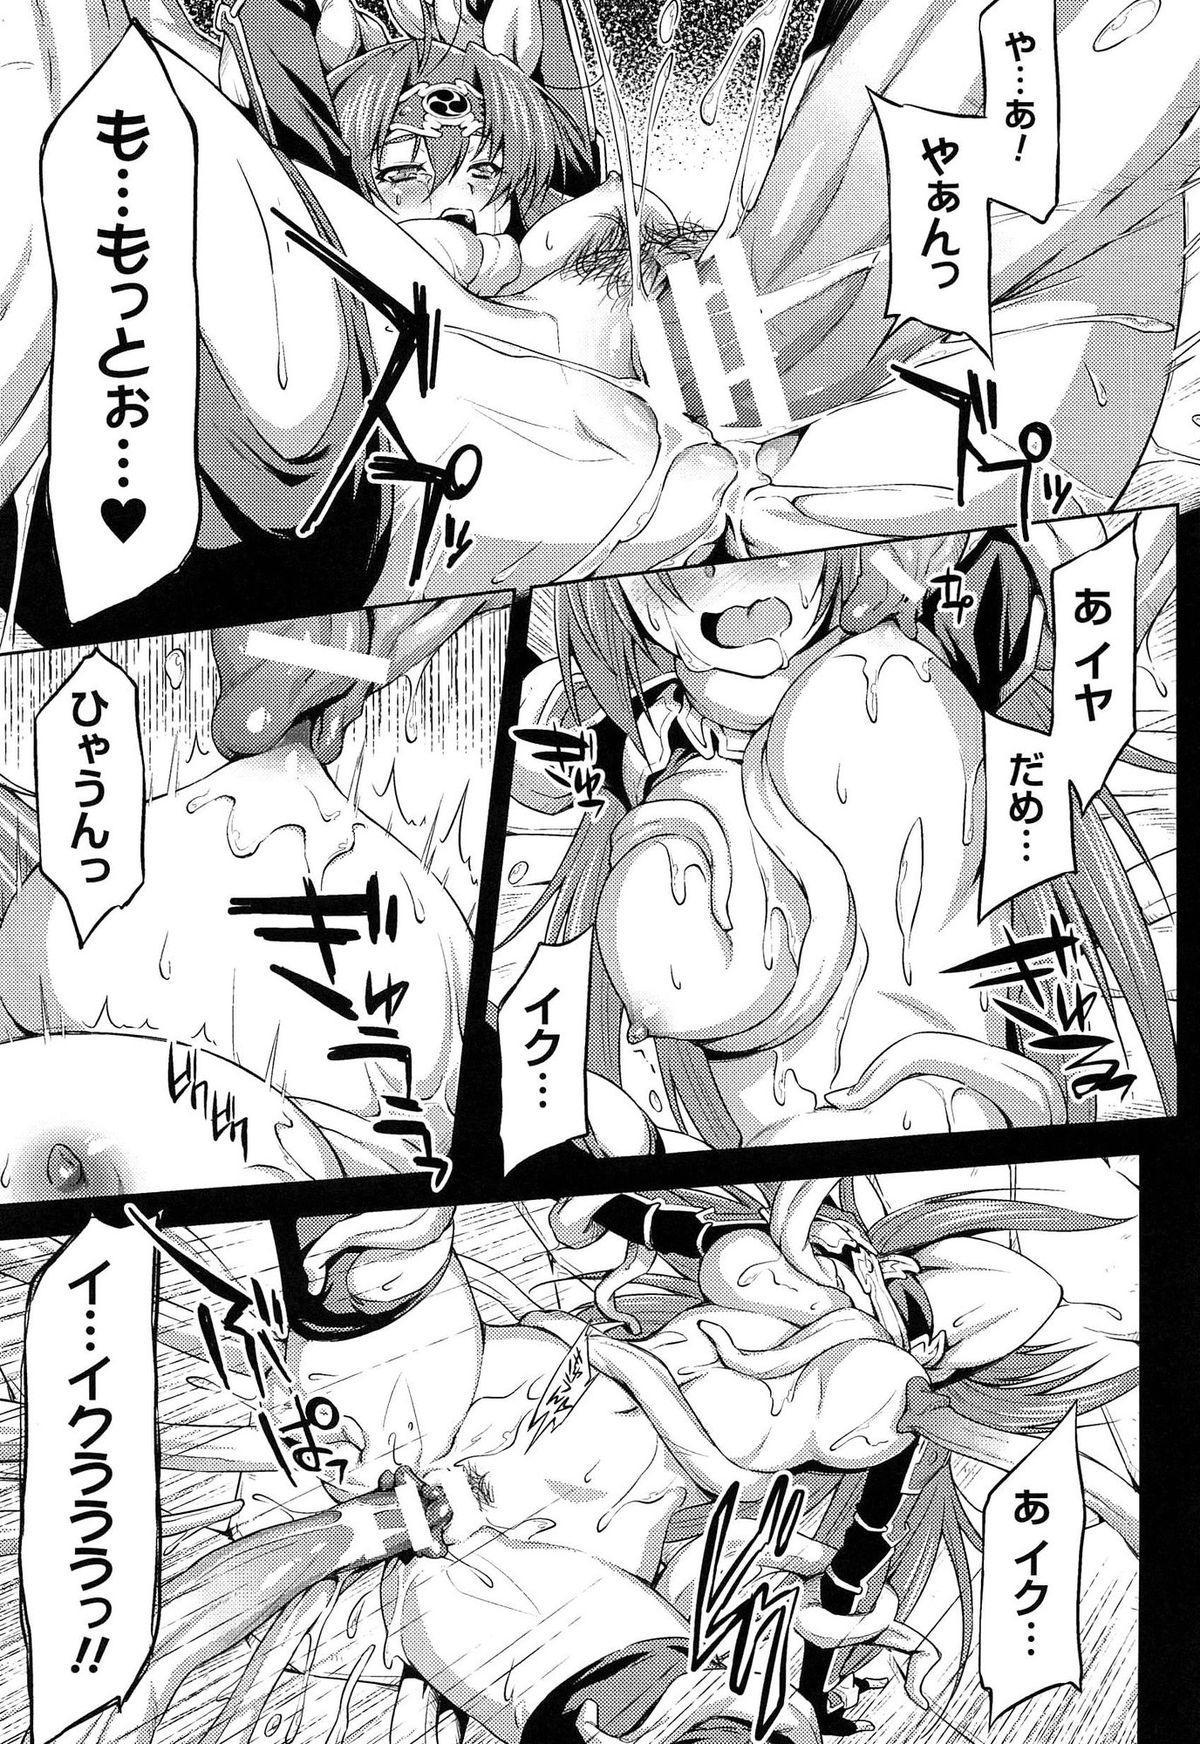 [kazuma muramasa, ZyX] Ikazuchi no Senshi Raidy ~Haja no Raikou~ THE COMIC 202